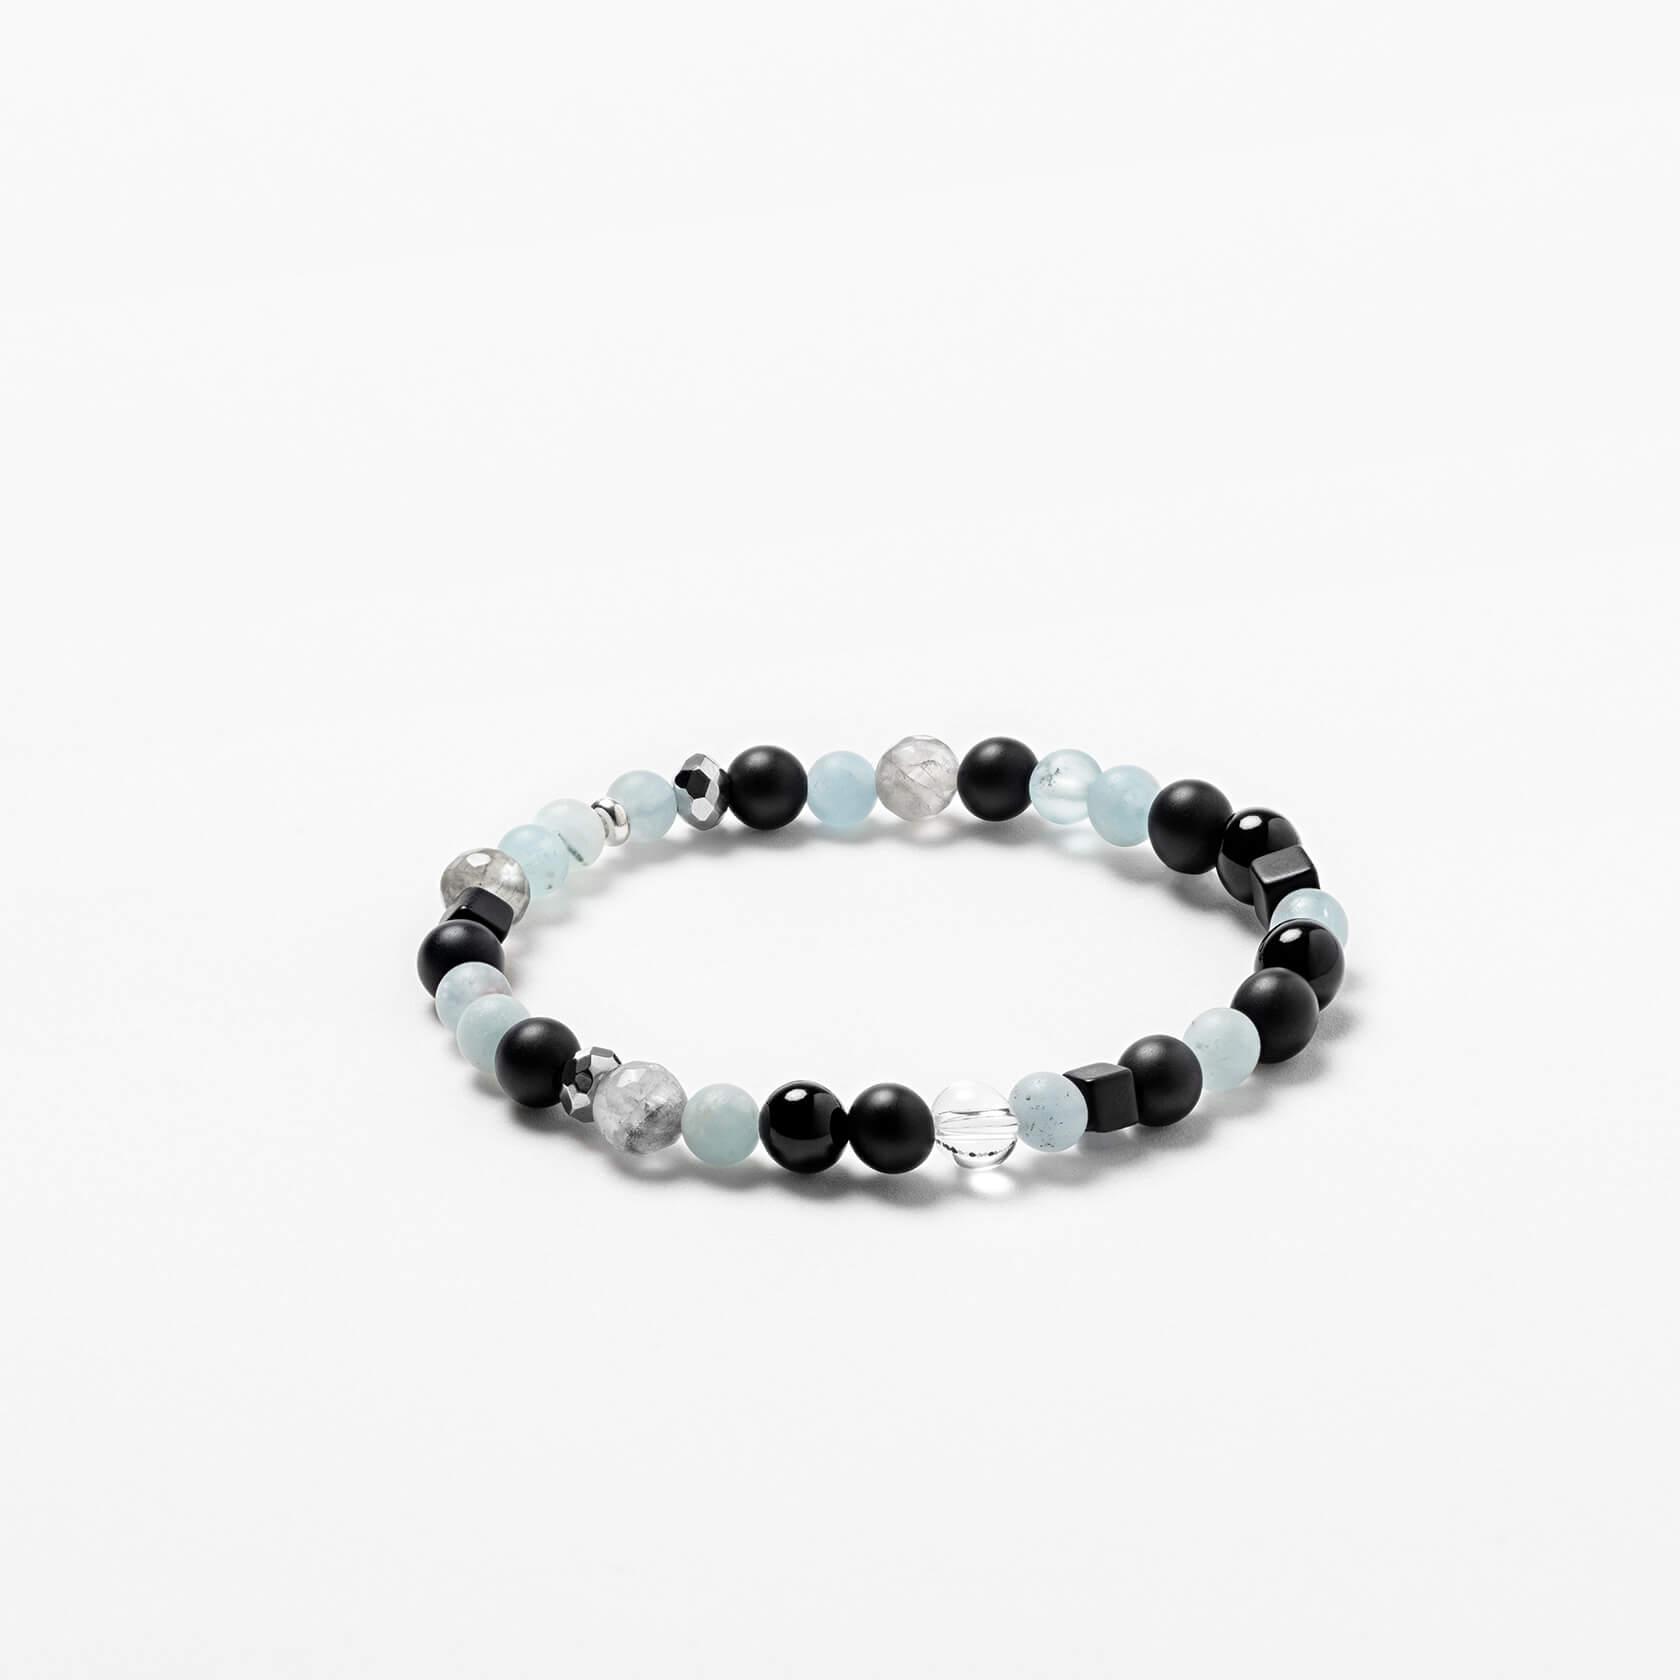 Unisex bracelet of aquamarine and quartz